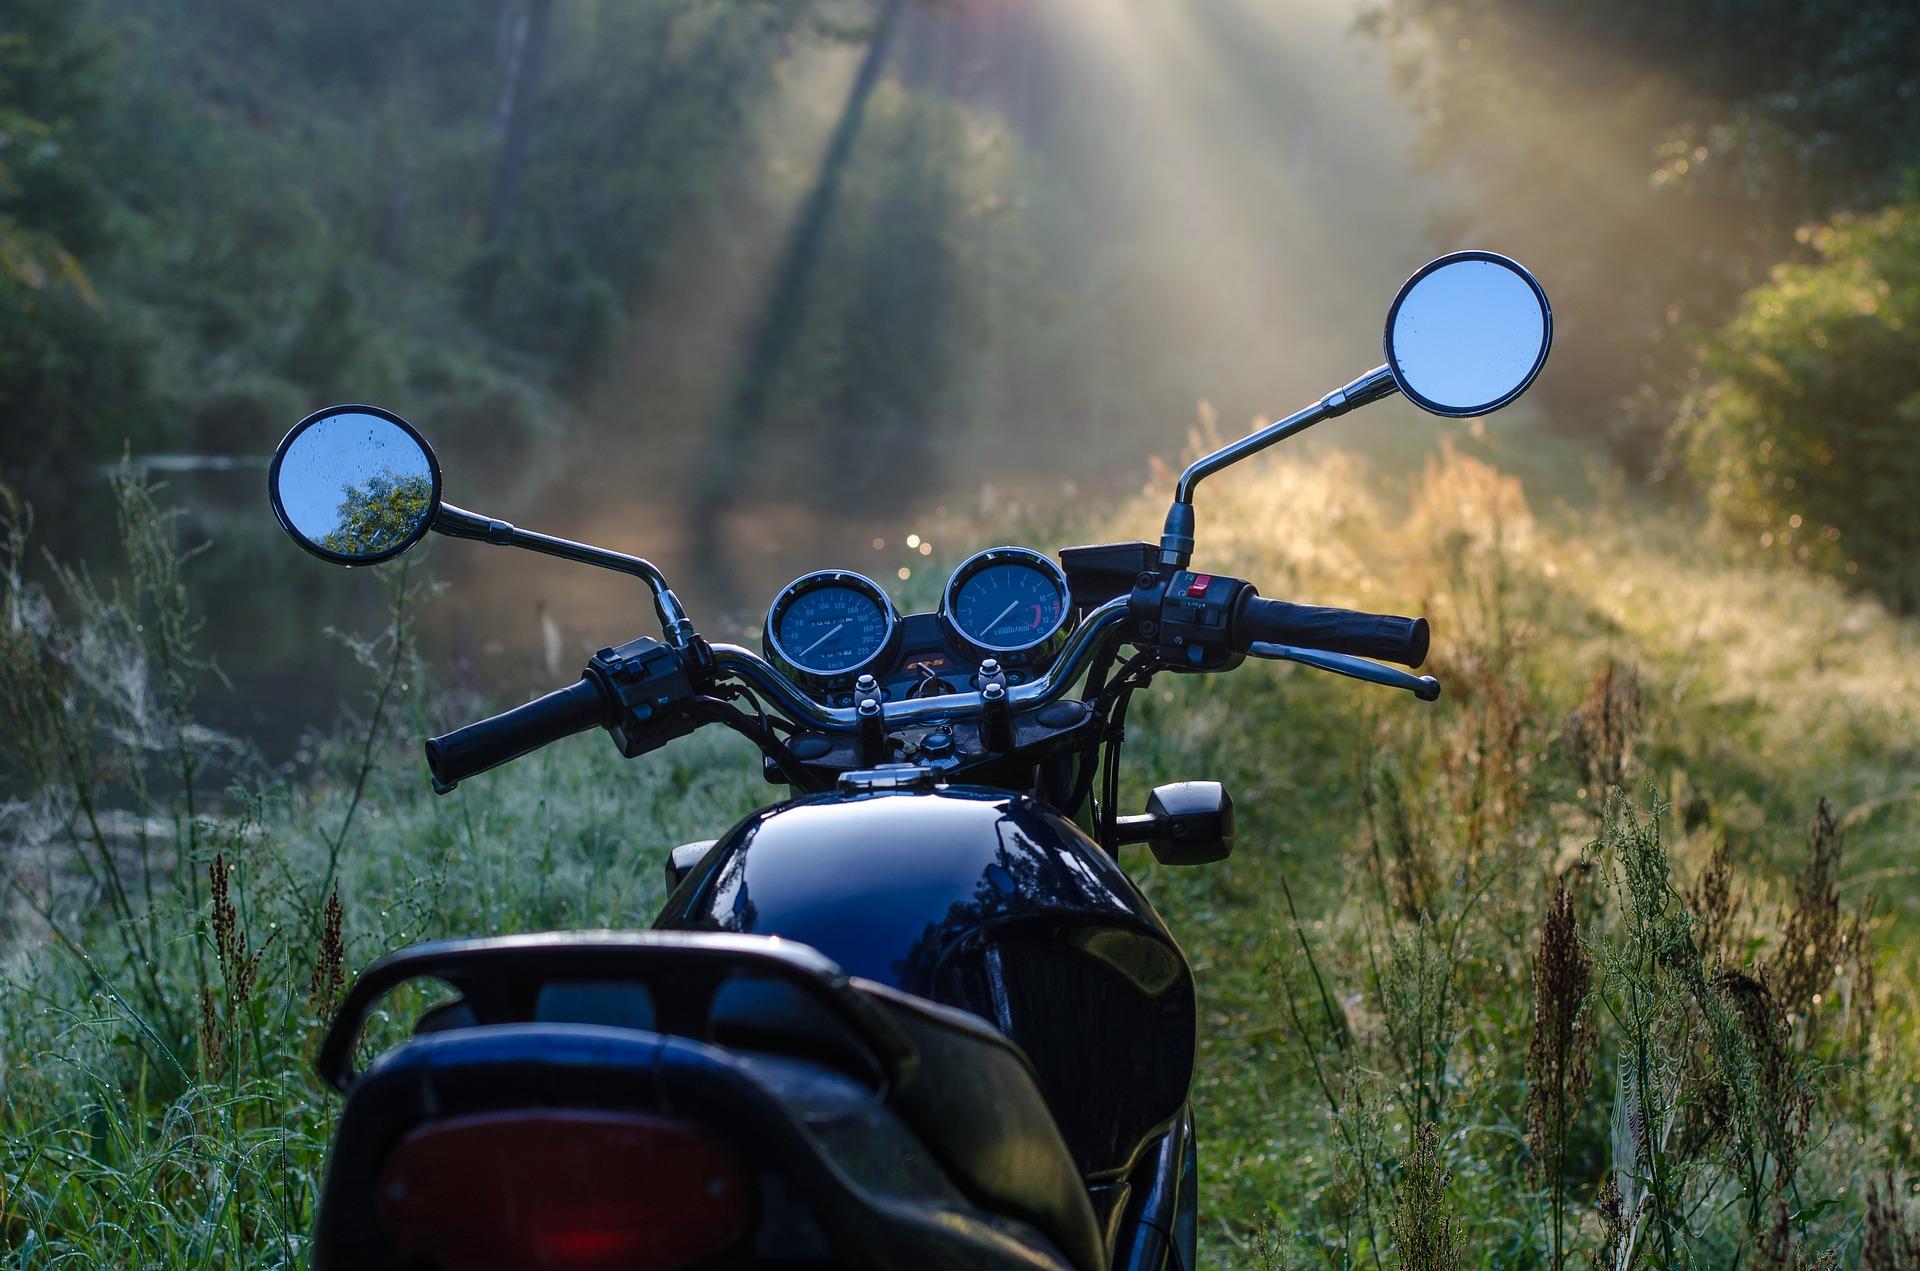 Biker Special